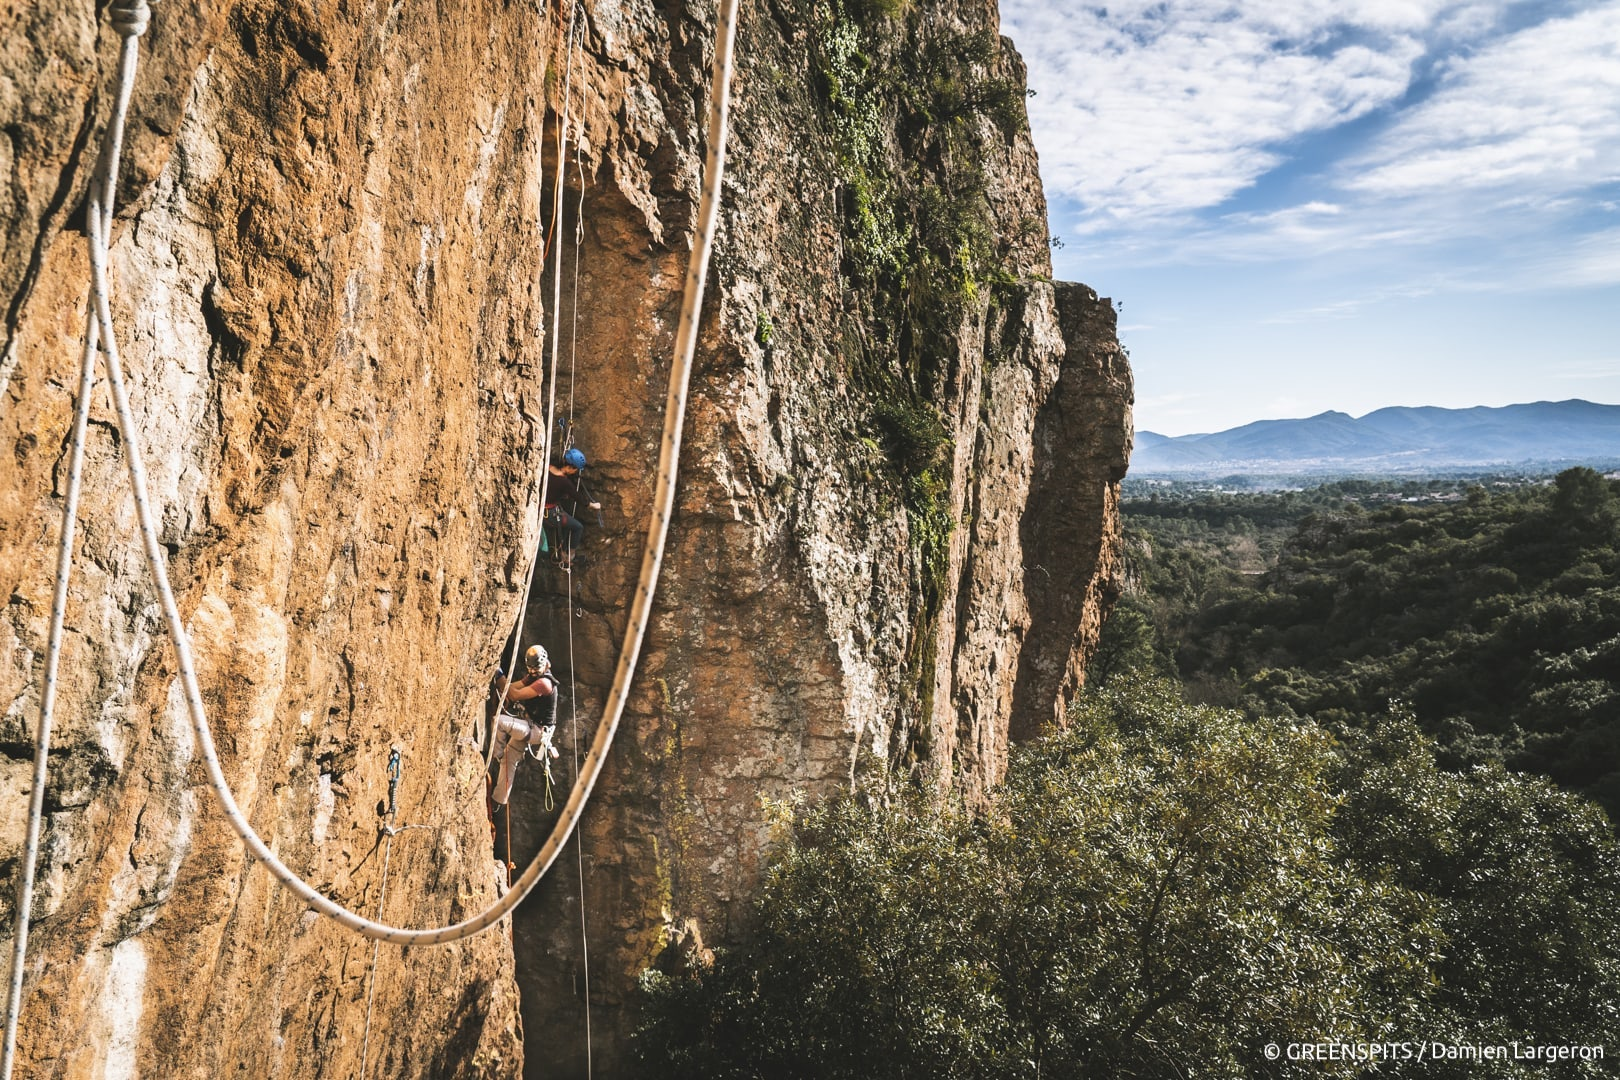 projet rééquipement Greenspits dans les Gorges du Blavet